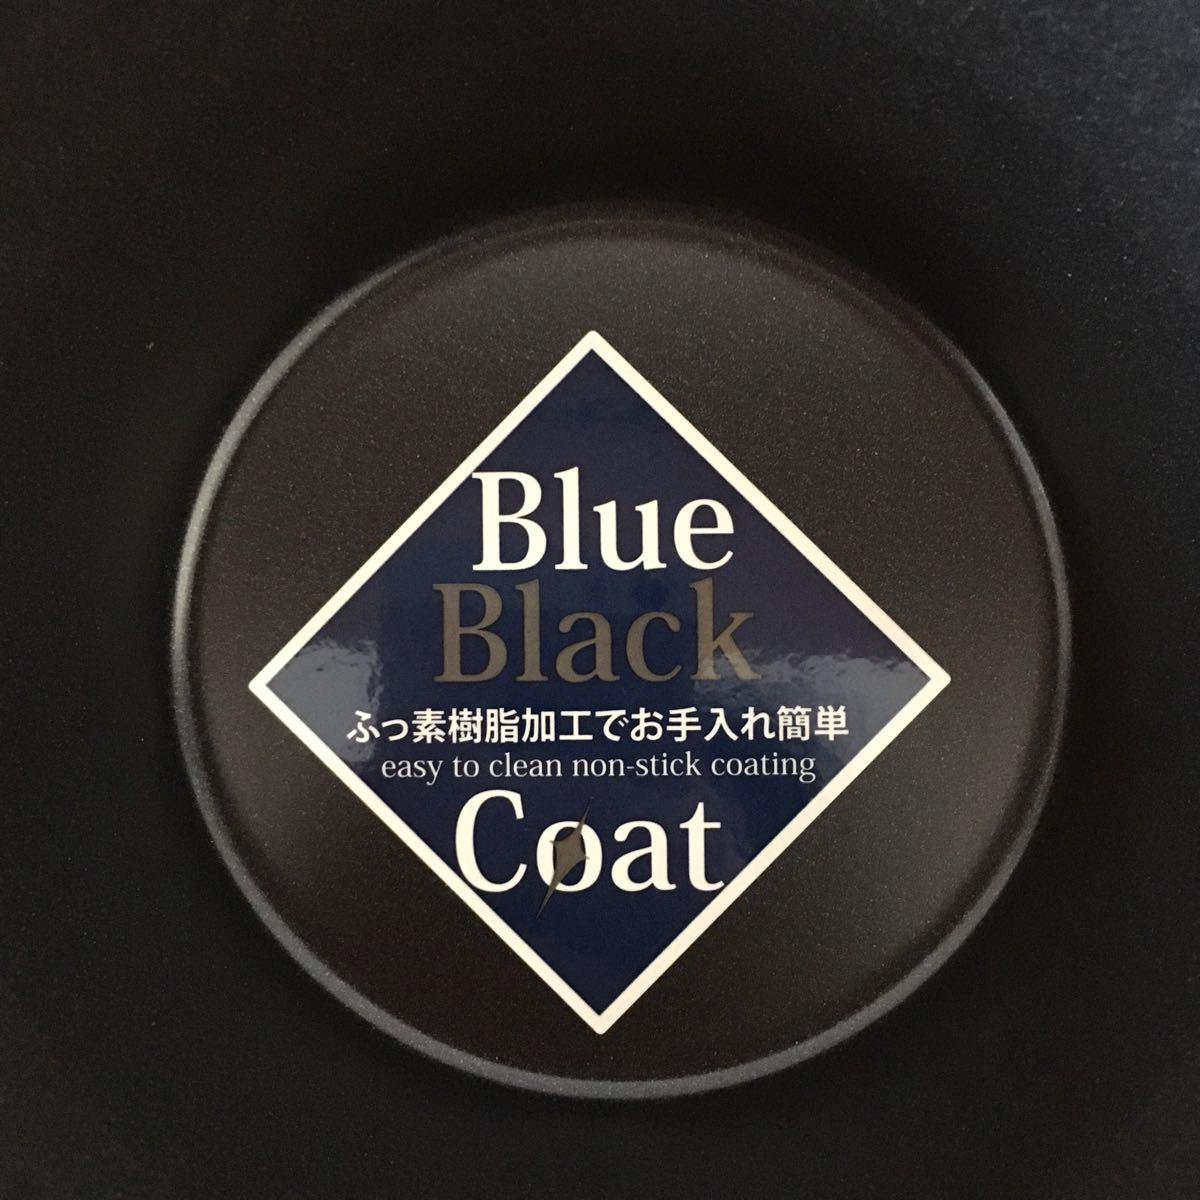 【値下げ不可】シェラカップ 黒 4個セット スタッキング ブルーブラックコート